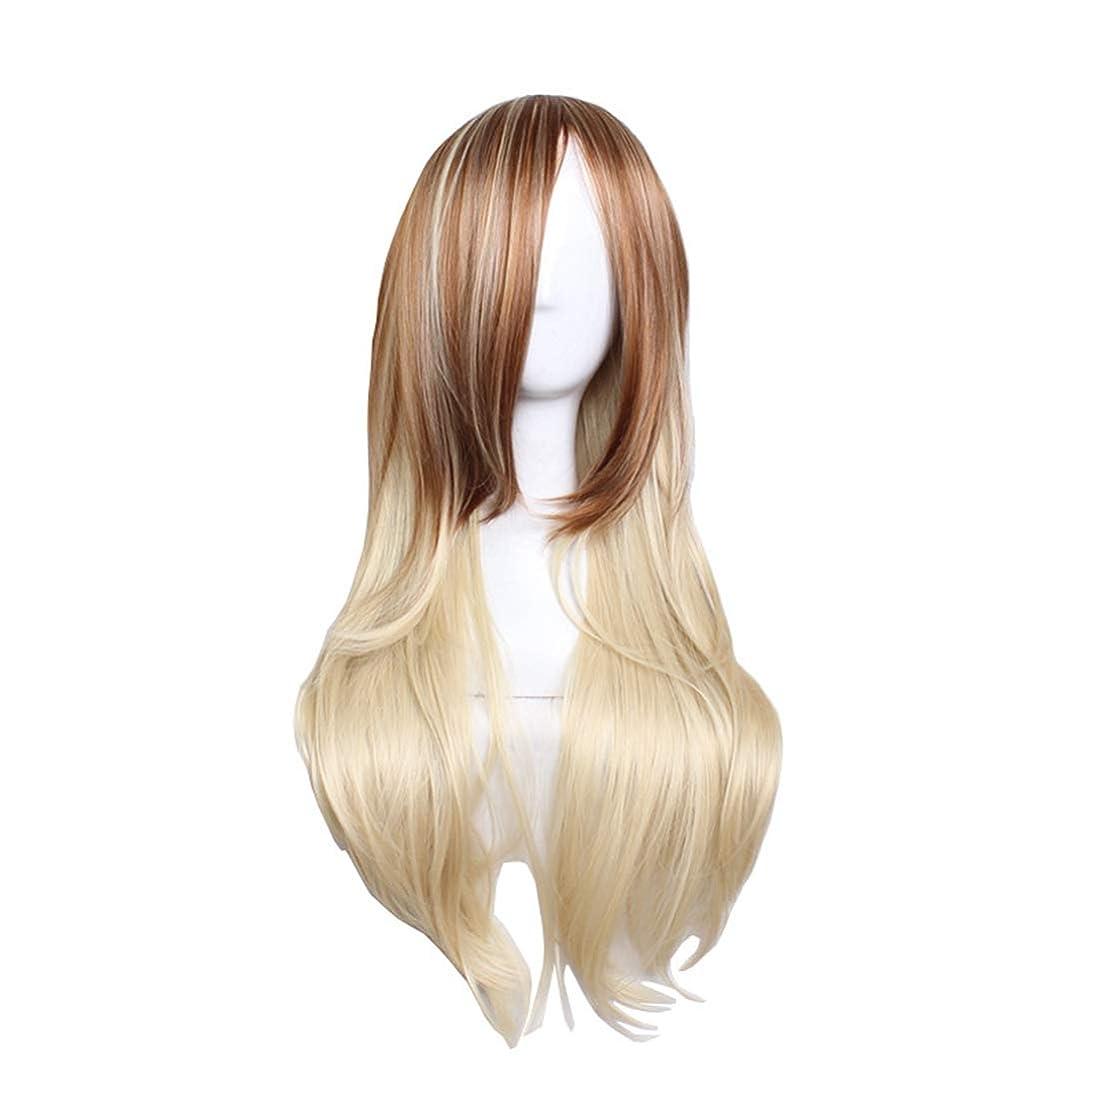 愚かなたくさんヘッジJIANFU コスプレ ファッション ロング バンズ 長い カーリー 髪 グラデーション ゴールデン ビッグ ウェーブ ウィッグ (Color : Brown gradient pale gold)